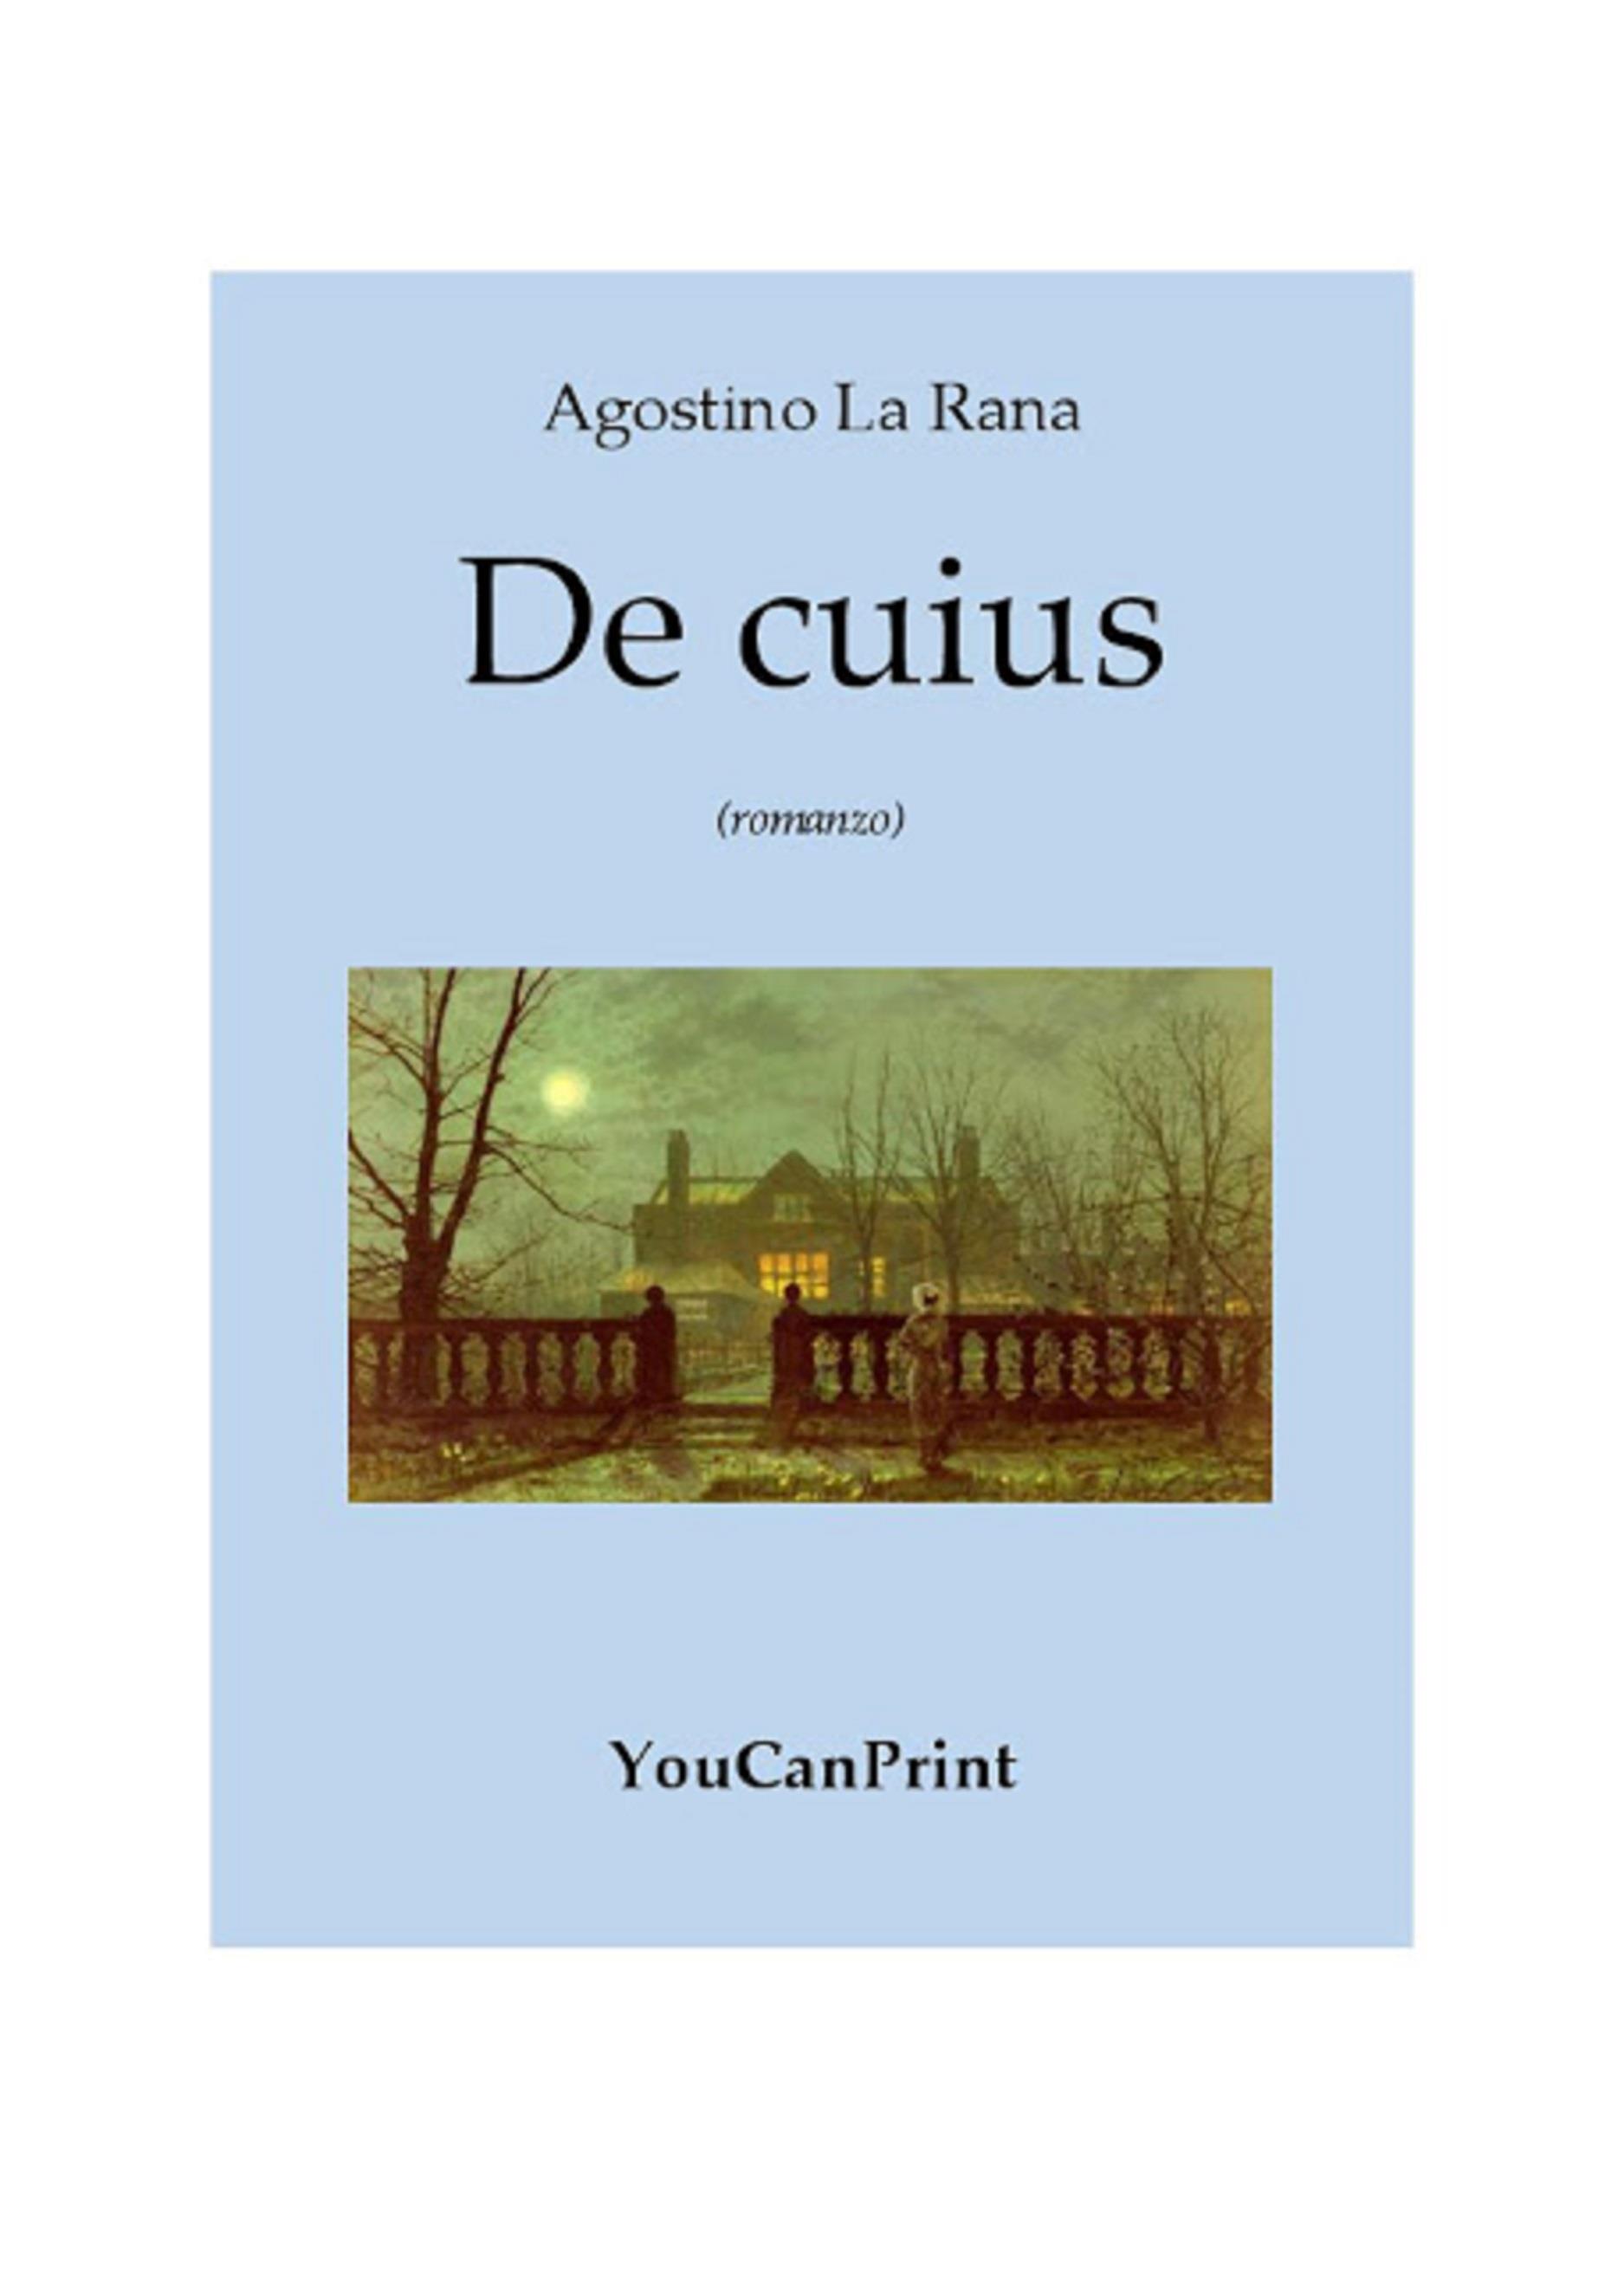 De cuius